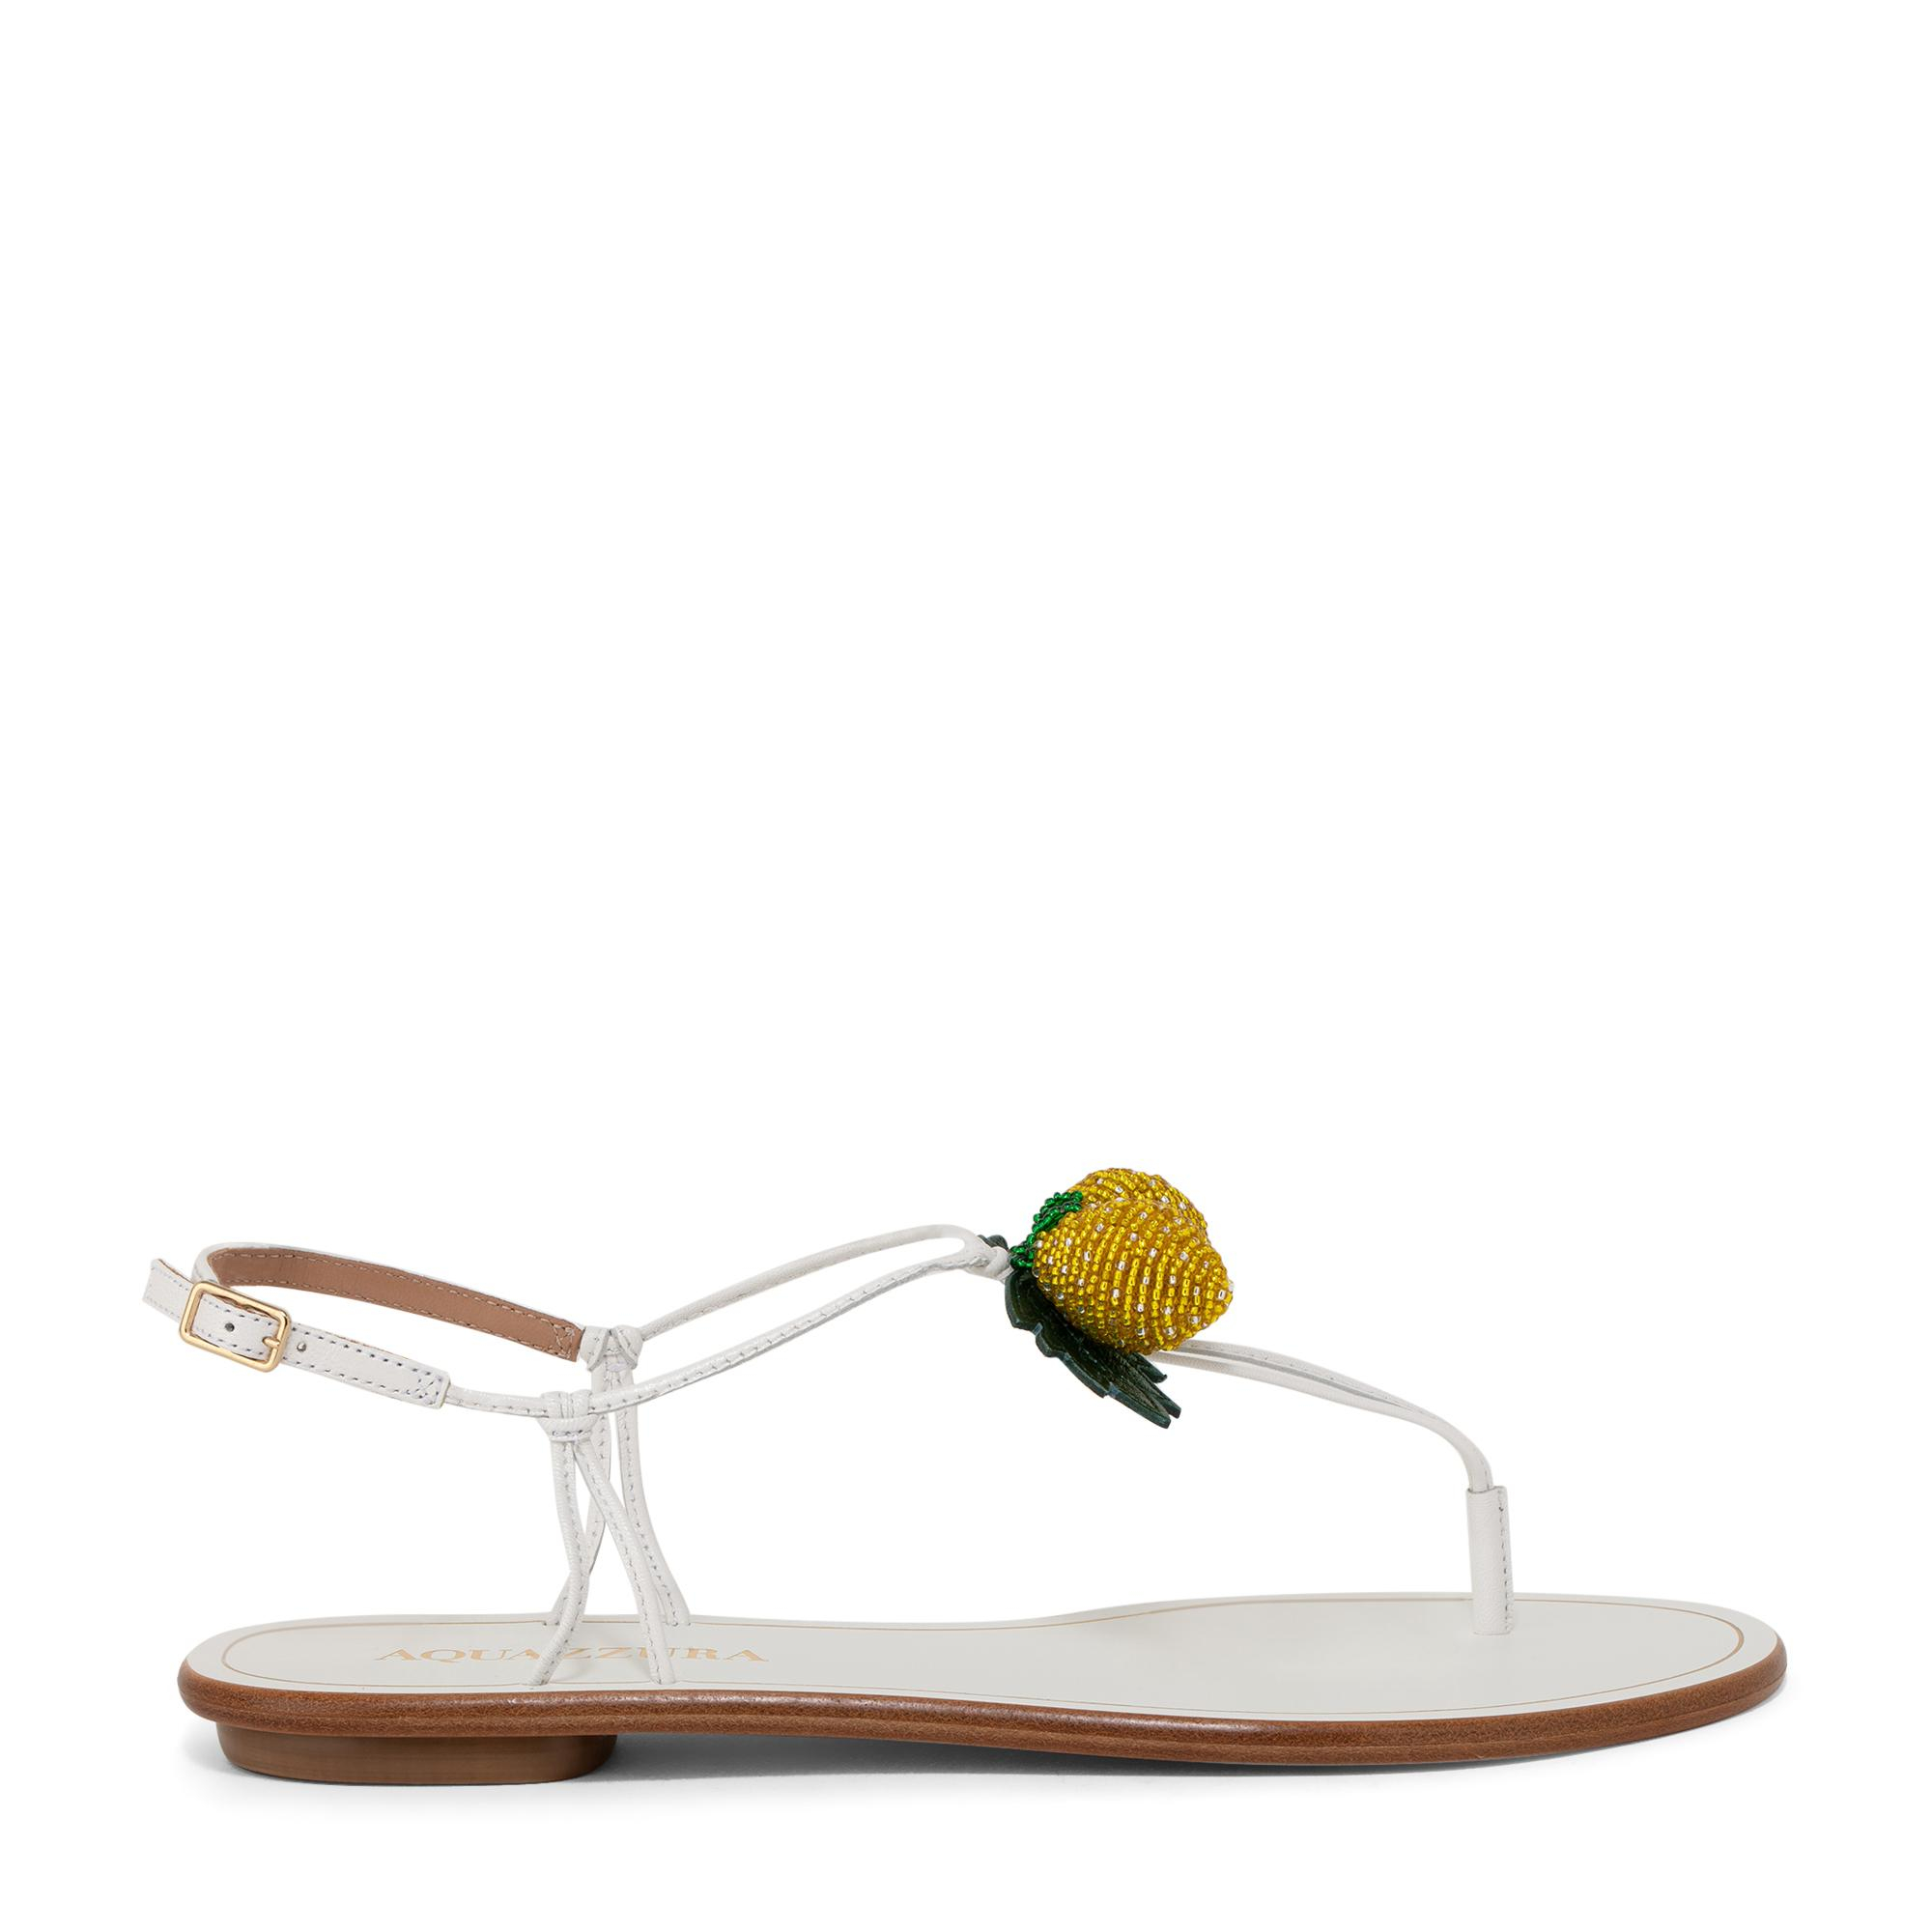 Limoncello flat sandals